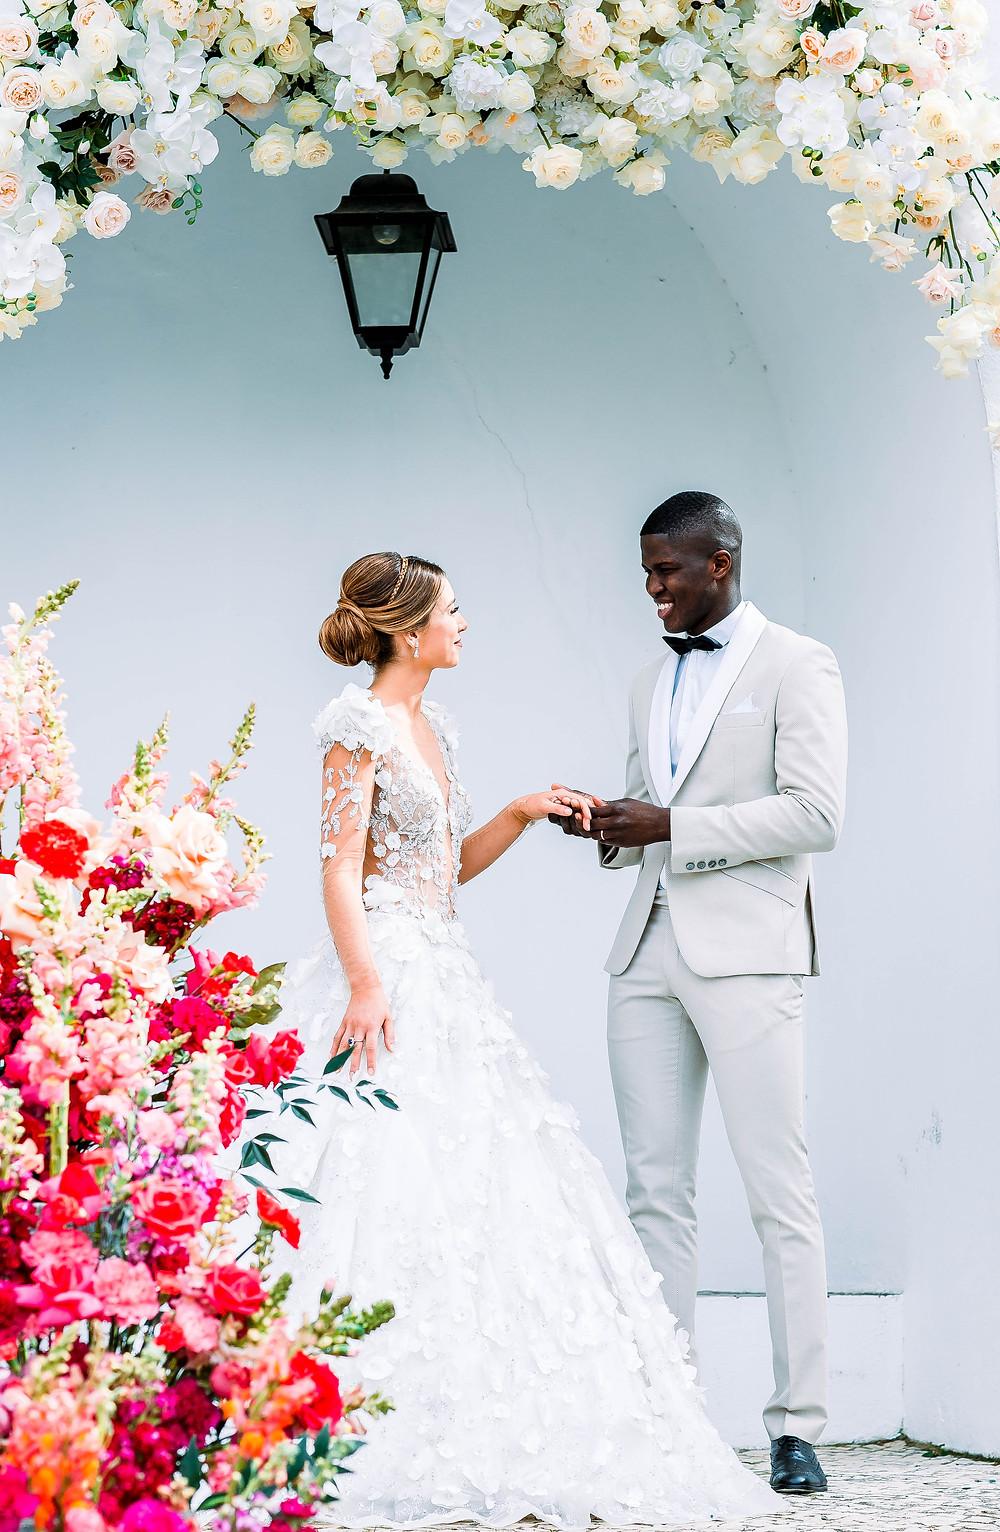 CASAMENTO DE LUXO EM LISBOA, PORTUGAL - Dream Weddings Europe